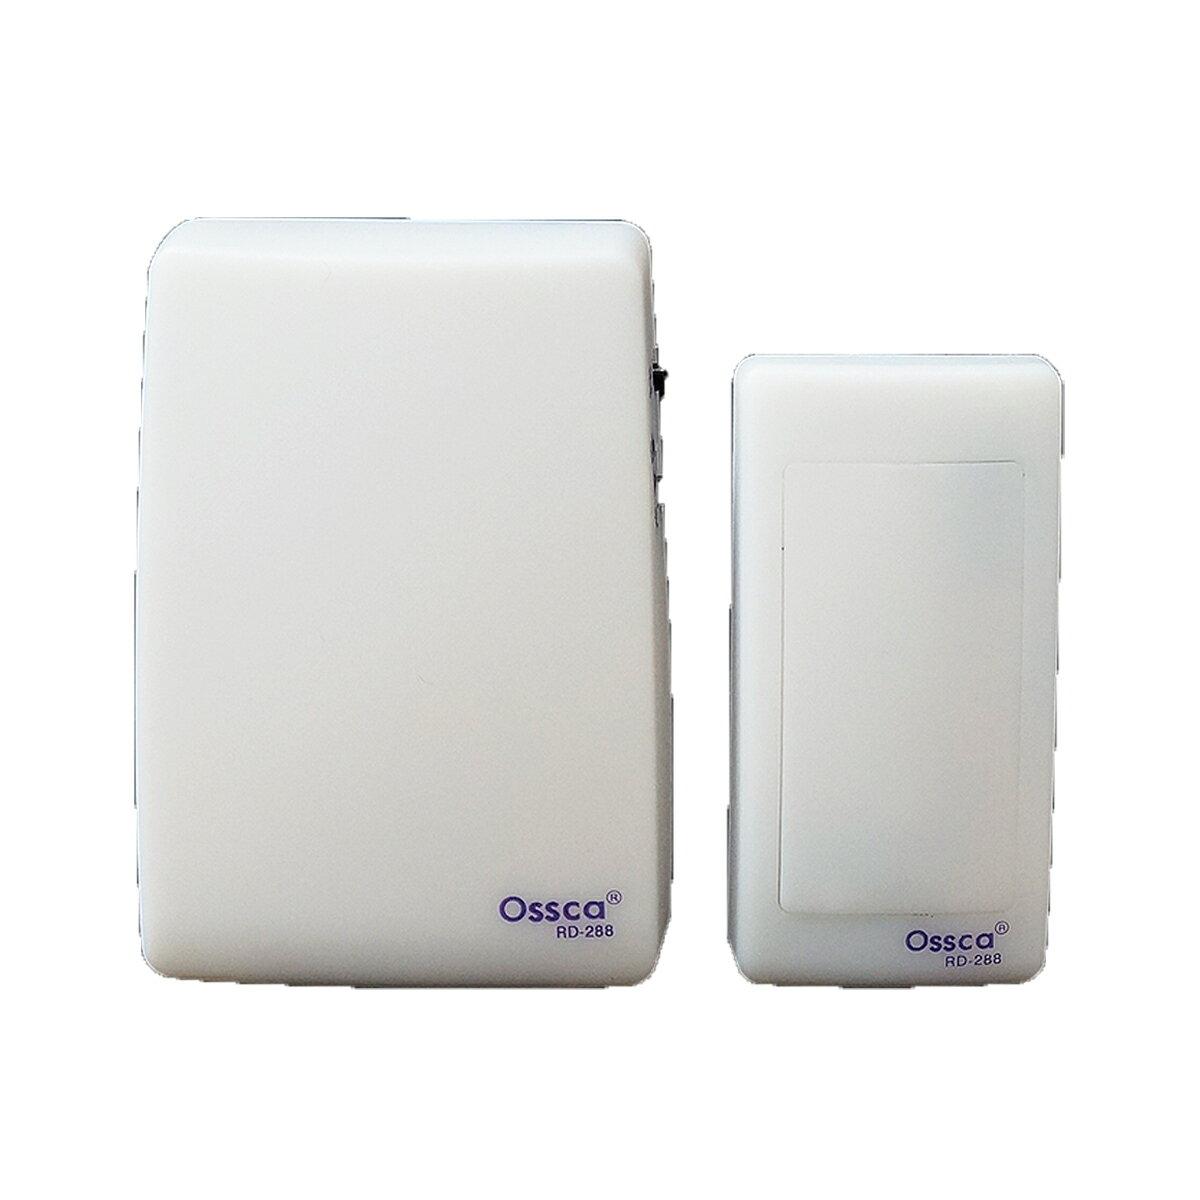 ワイヤレス チャイム 電池式 光と音でお知らせ 25音種 簡単設置 工事不要 呼び鈴 コードレスチャイム 呼び出しベル 呼びベル インターホン インターフォン コールチャイム 無線 玄関 _72016